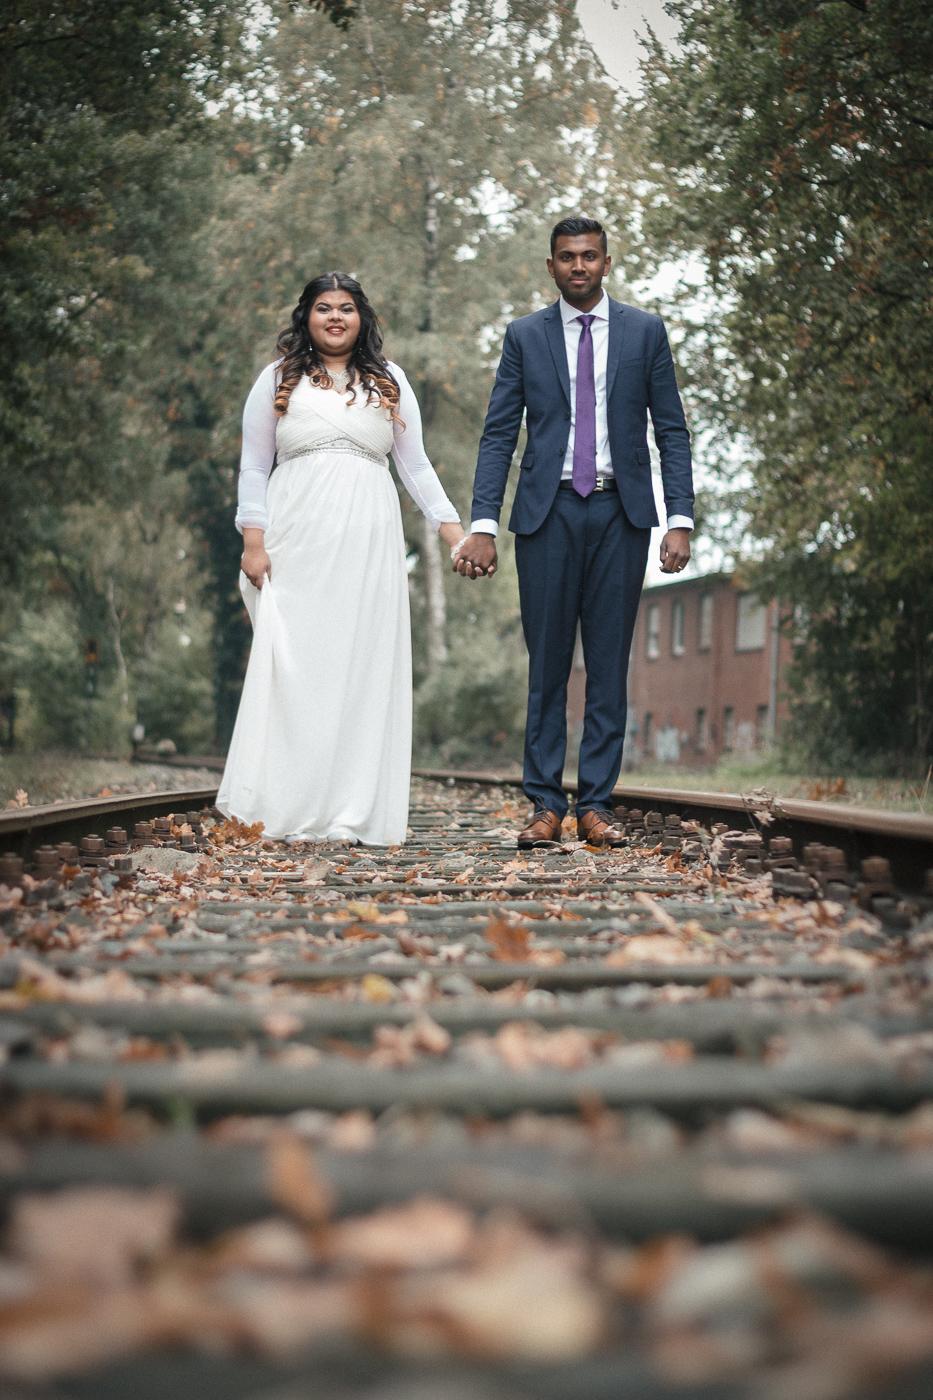 Hochzeitsfotograf Hochzeitsfotos Hochzeitsbilder - Wedding Photographer Photography Pictures - Fotograf Münster Münsterland NRW